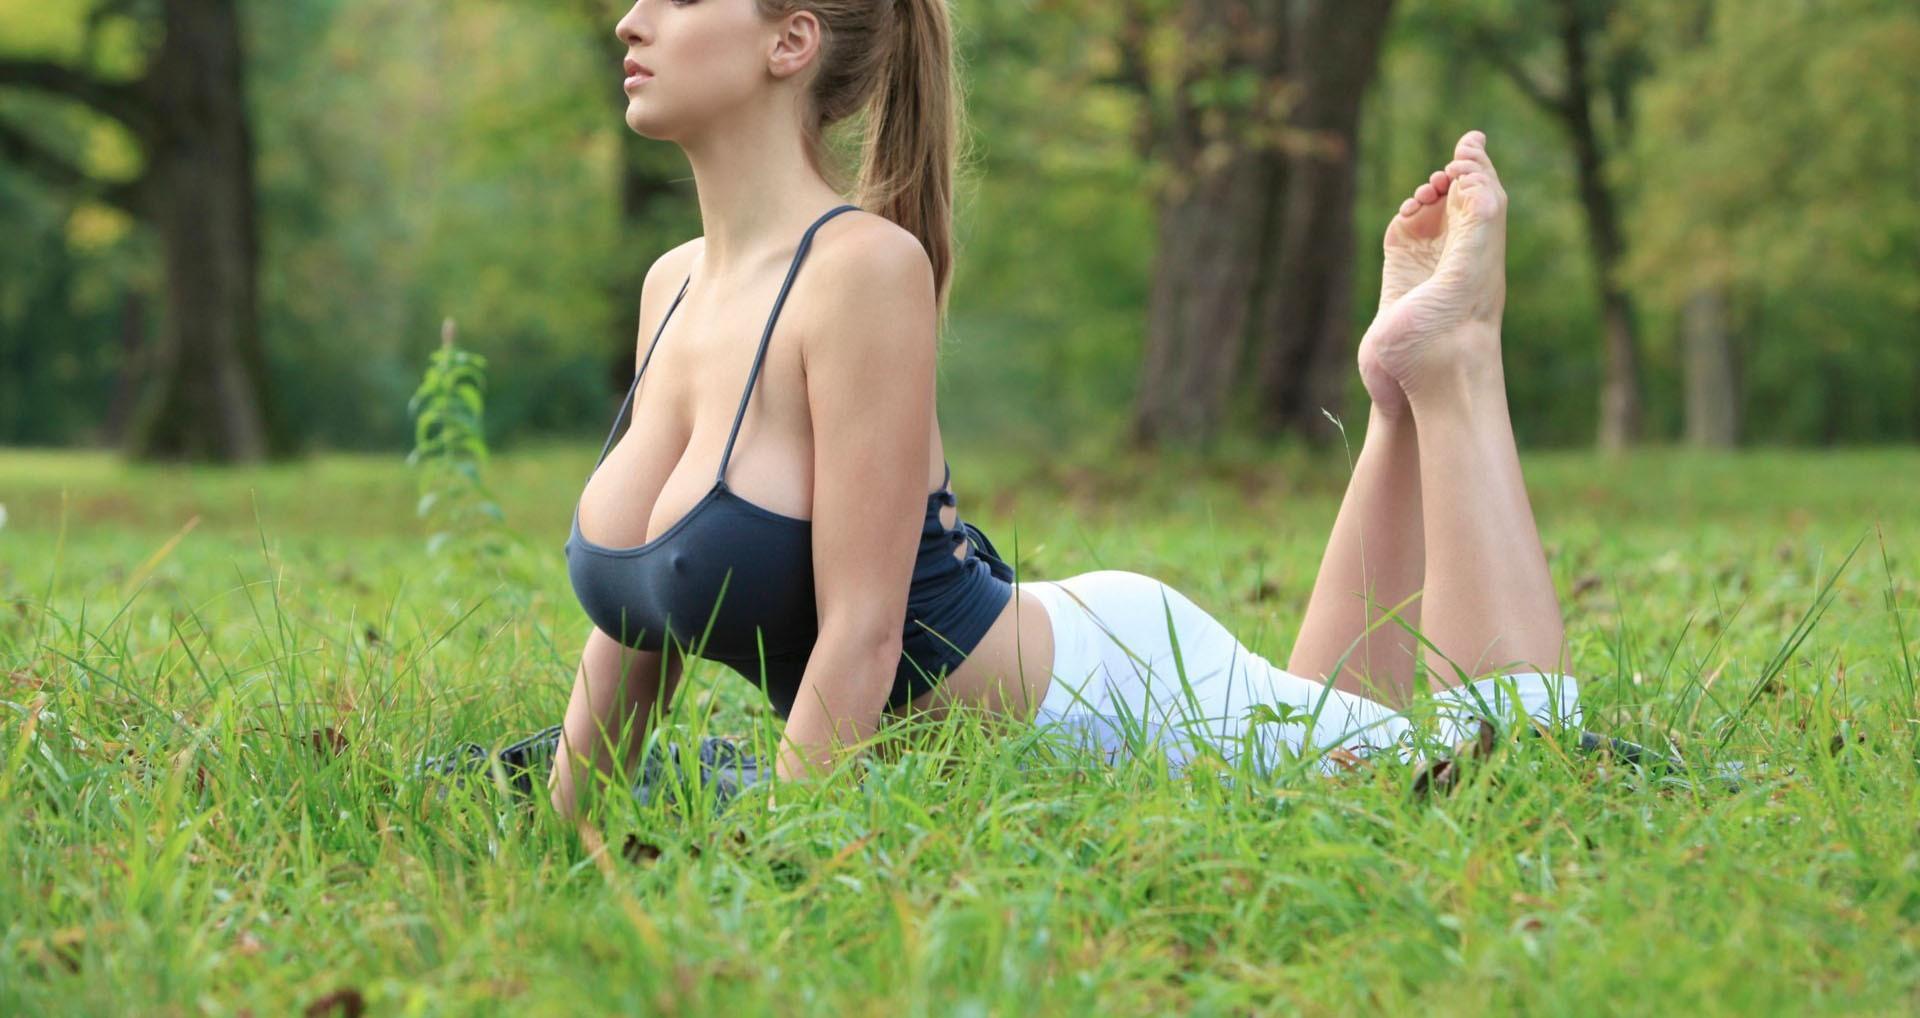 Частное и домашнее порно видео любительский секс